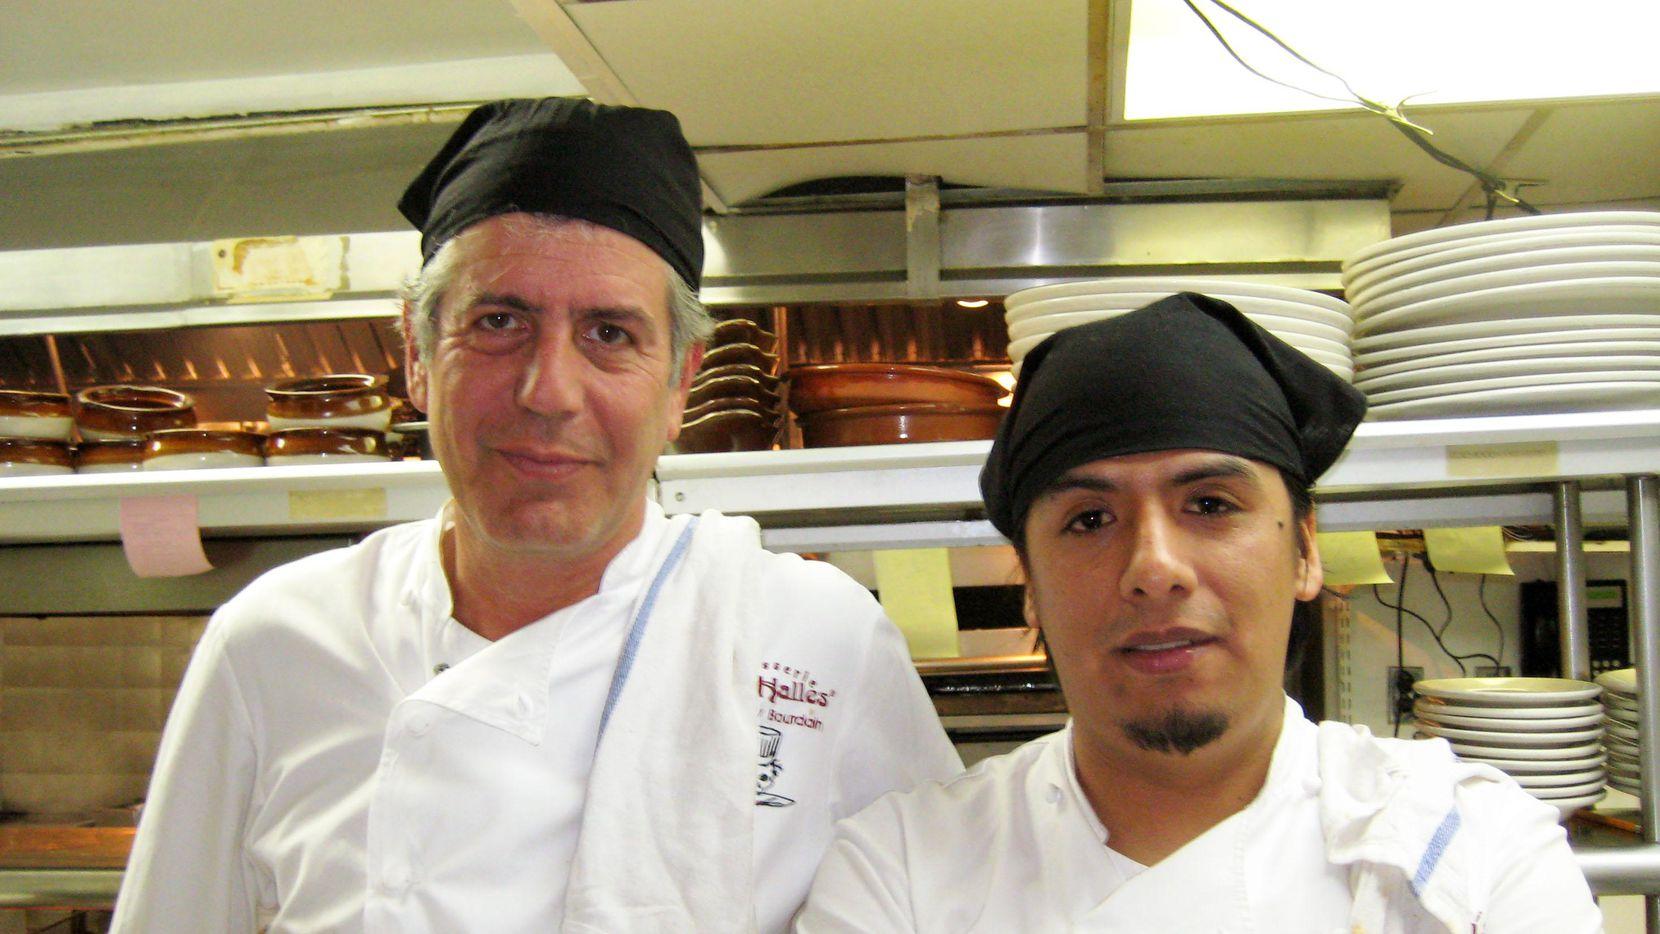 Anthony Bourdain posa junto al chef mexicano Carlos Llaguno (fallecido en 2015), uno de sus ayudantes en la cocina del restaurante Les Halles en New York.(AP)